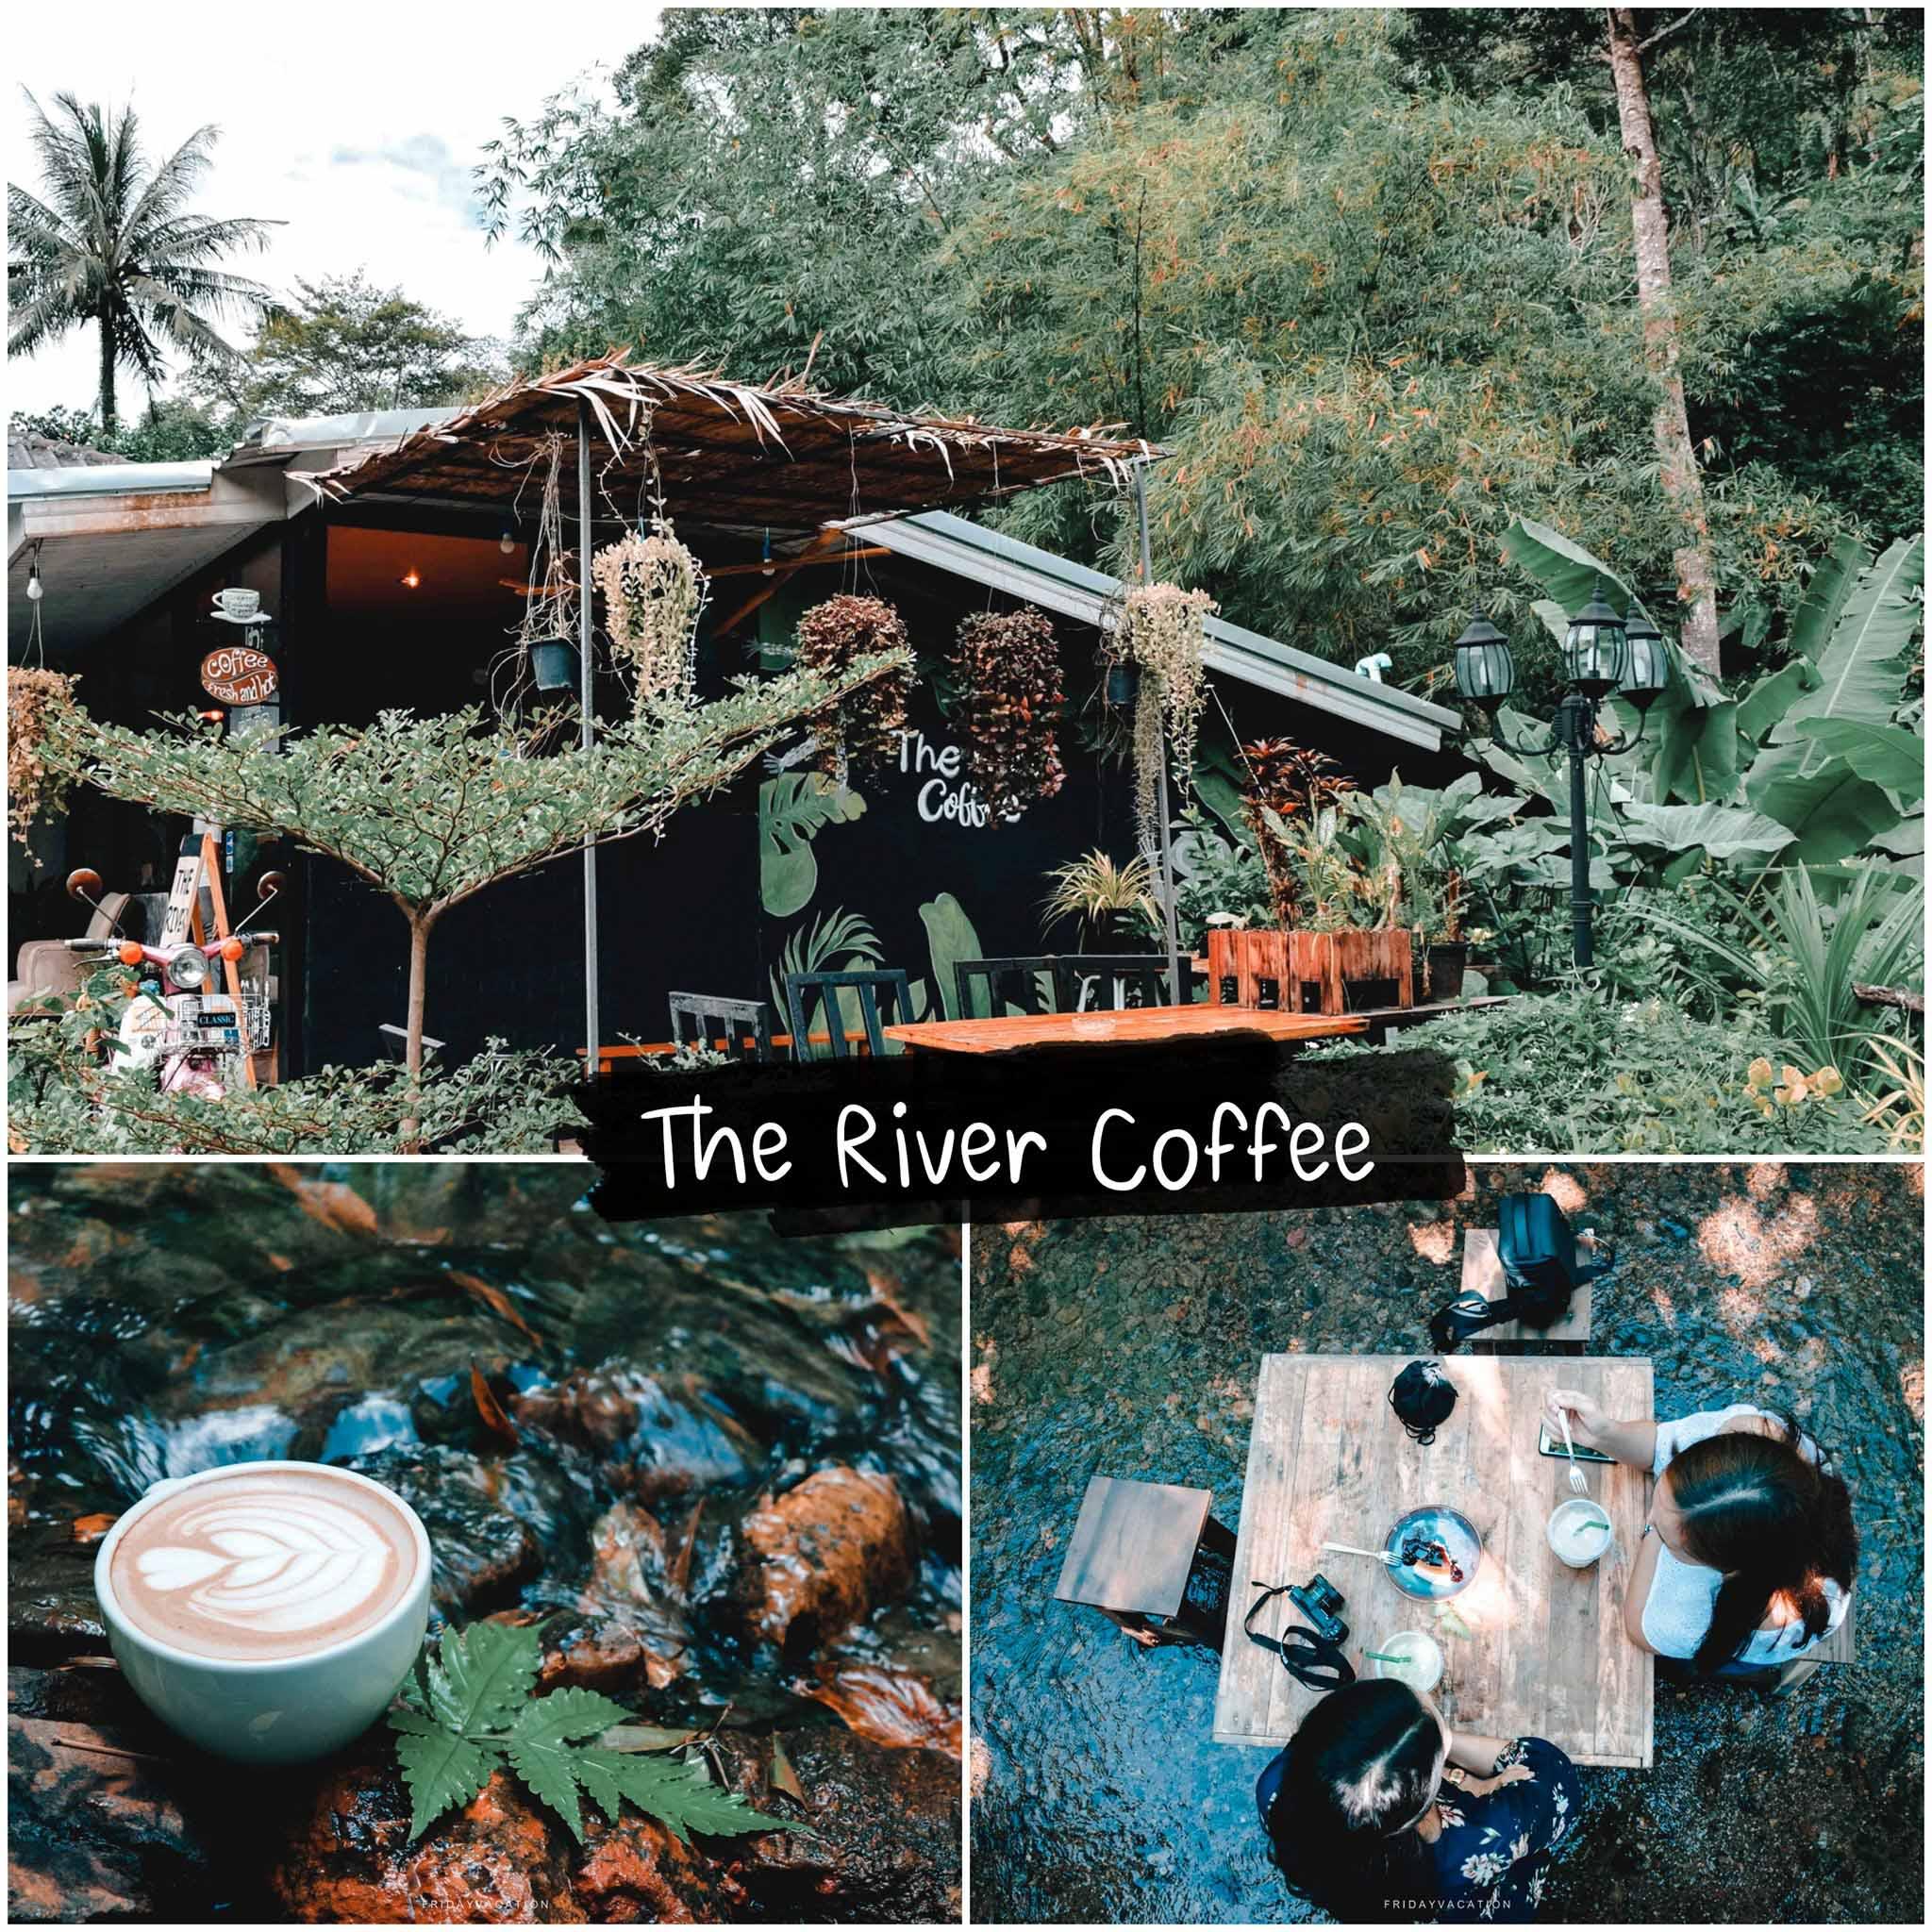 The-river-Coffee ภูเก็ต,คาเฟ่,ที่เที่ยว,ร้านกาแฟ,เด็ด,อร่อย,ต้องลอง